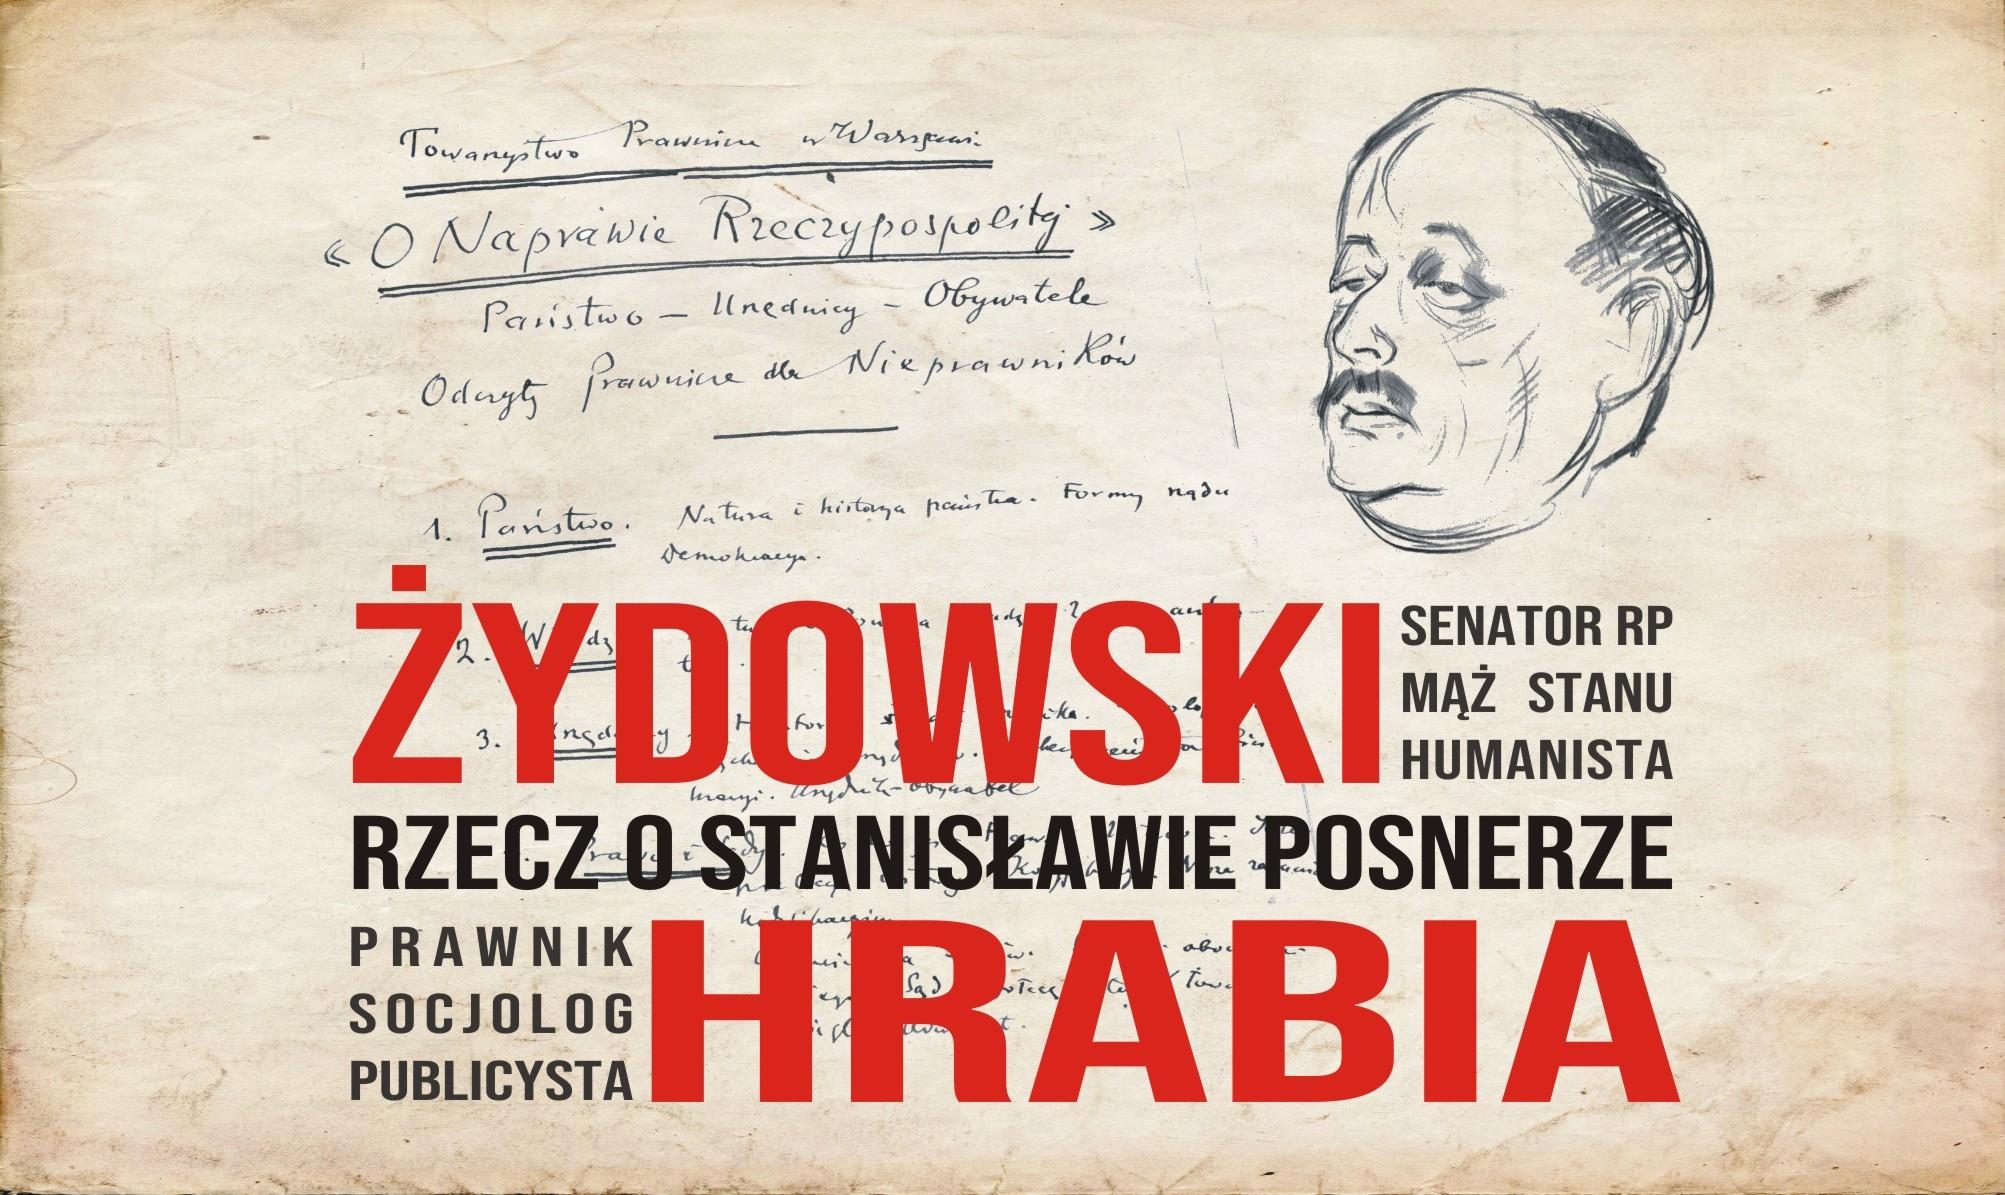 Żydowski hrabia. Rzecz o Stanisławie Posnerze – wystawa planszowa